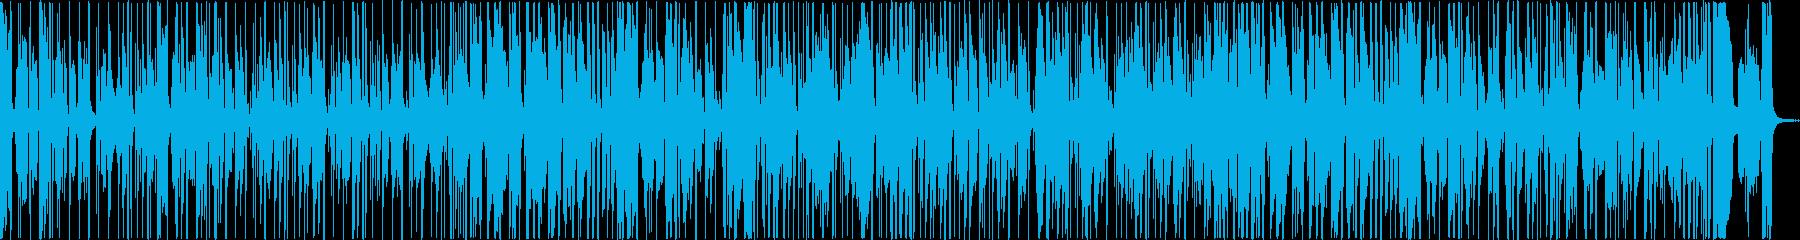 クールで自身に満ちたサックス曲の再生済みの波形